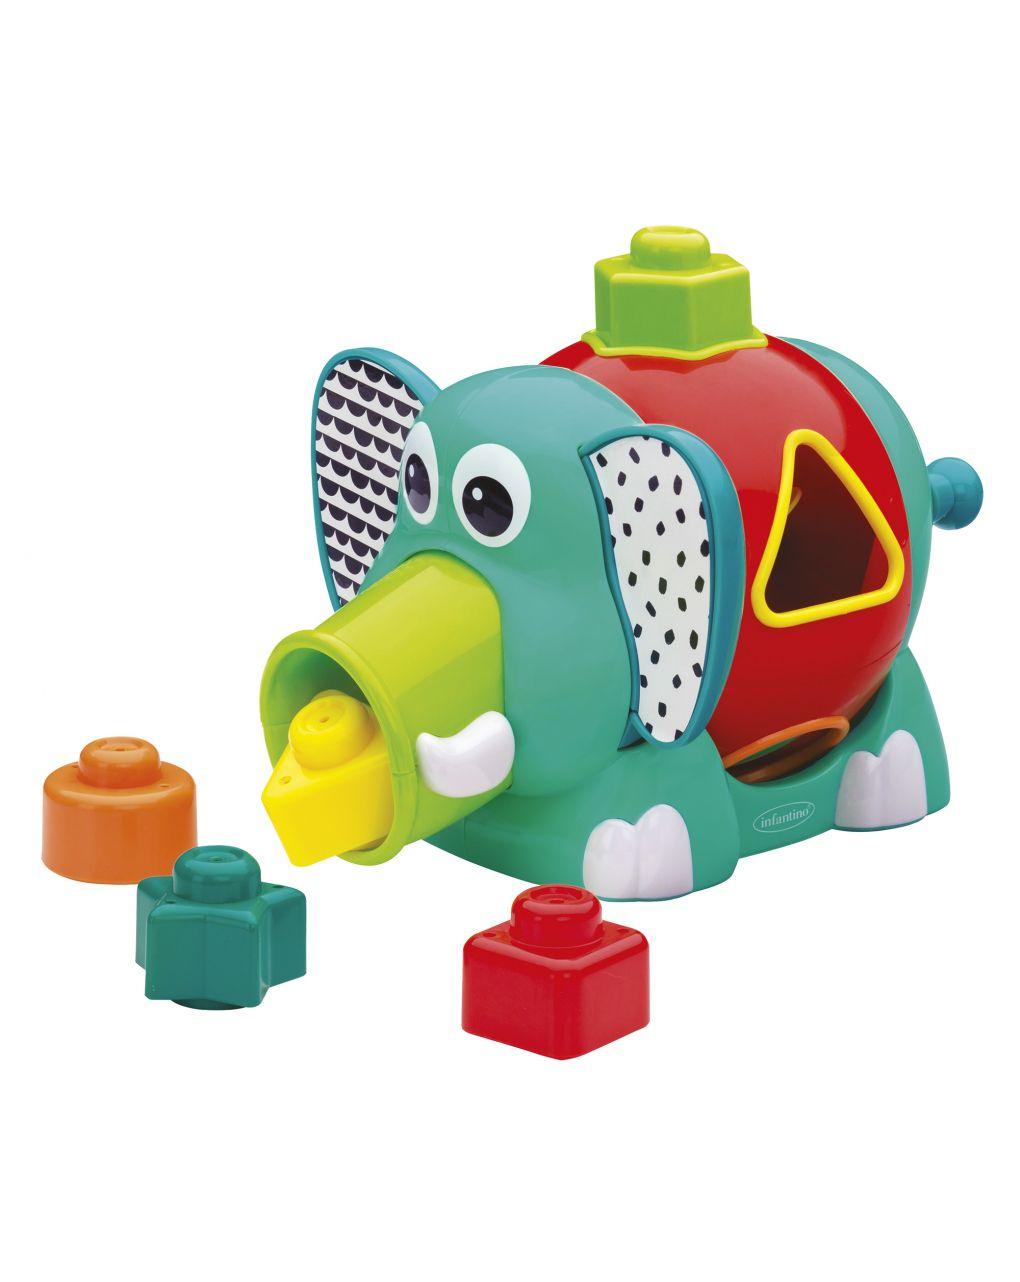 Bkids - elefante multigioco - B-kids